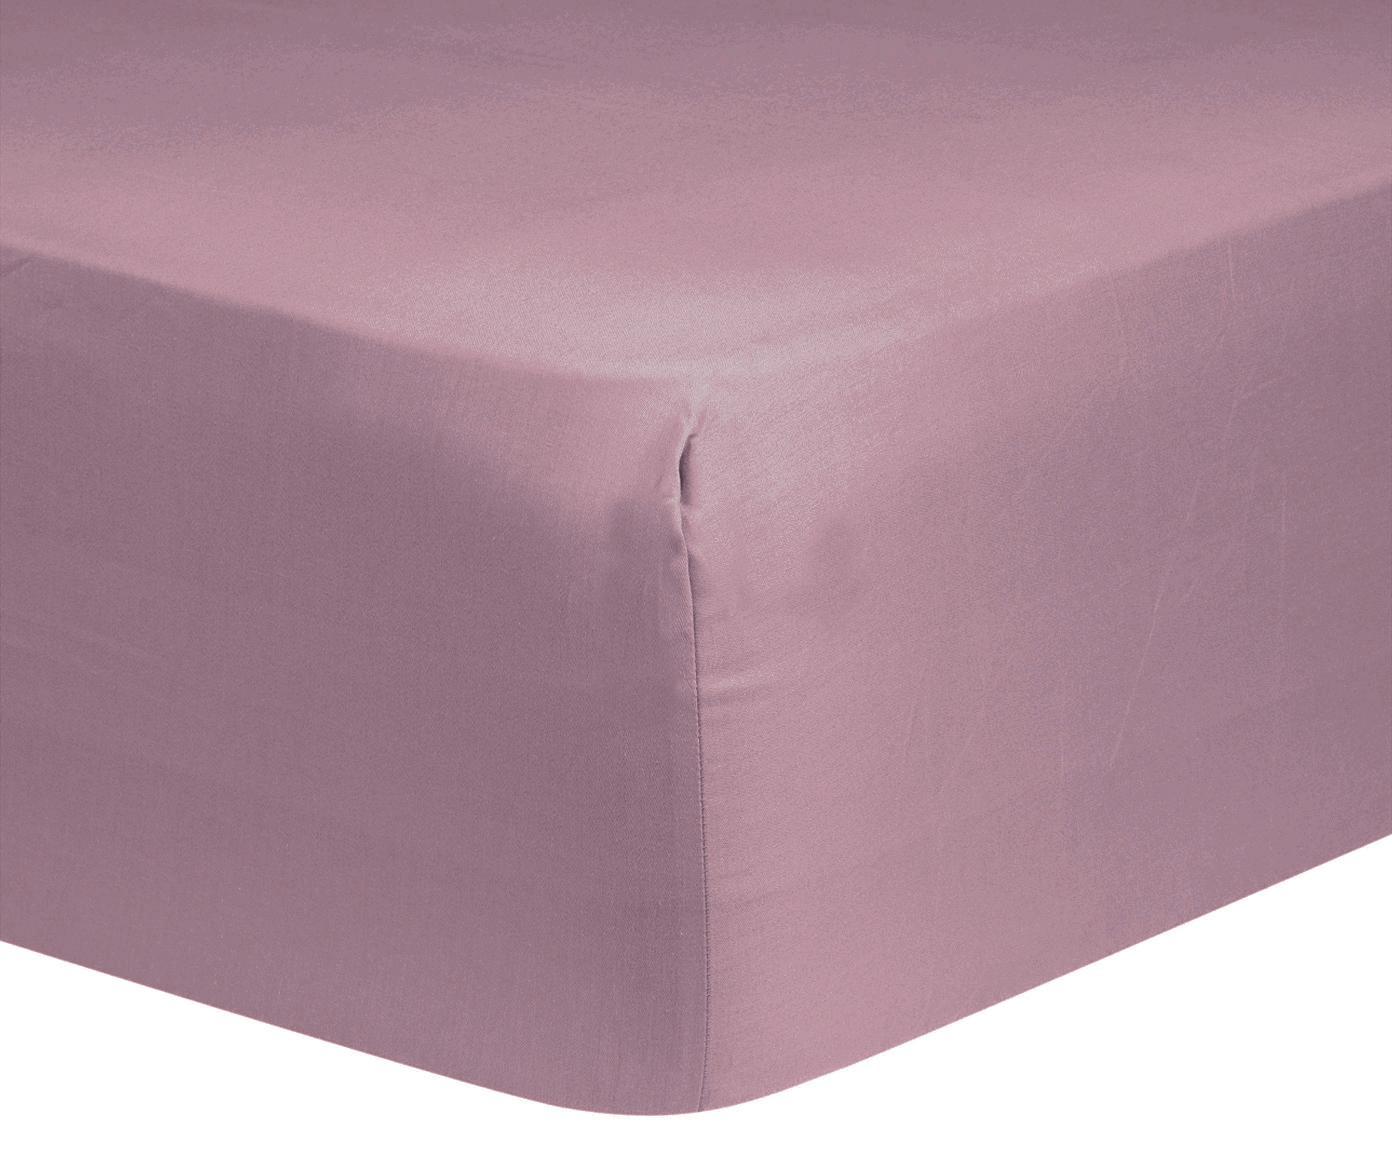 Prześcieradło z gumką z satyny bawełnianej Comfort, Mauve, S 180 x D 200 cm